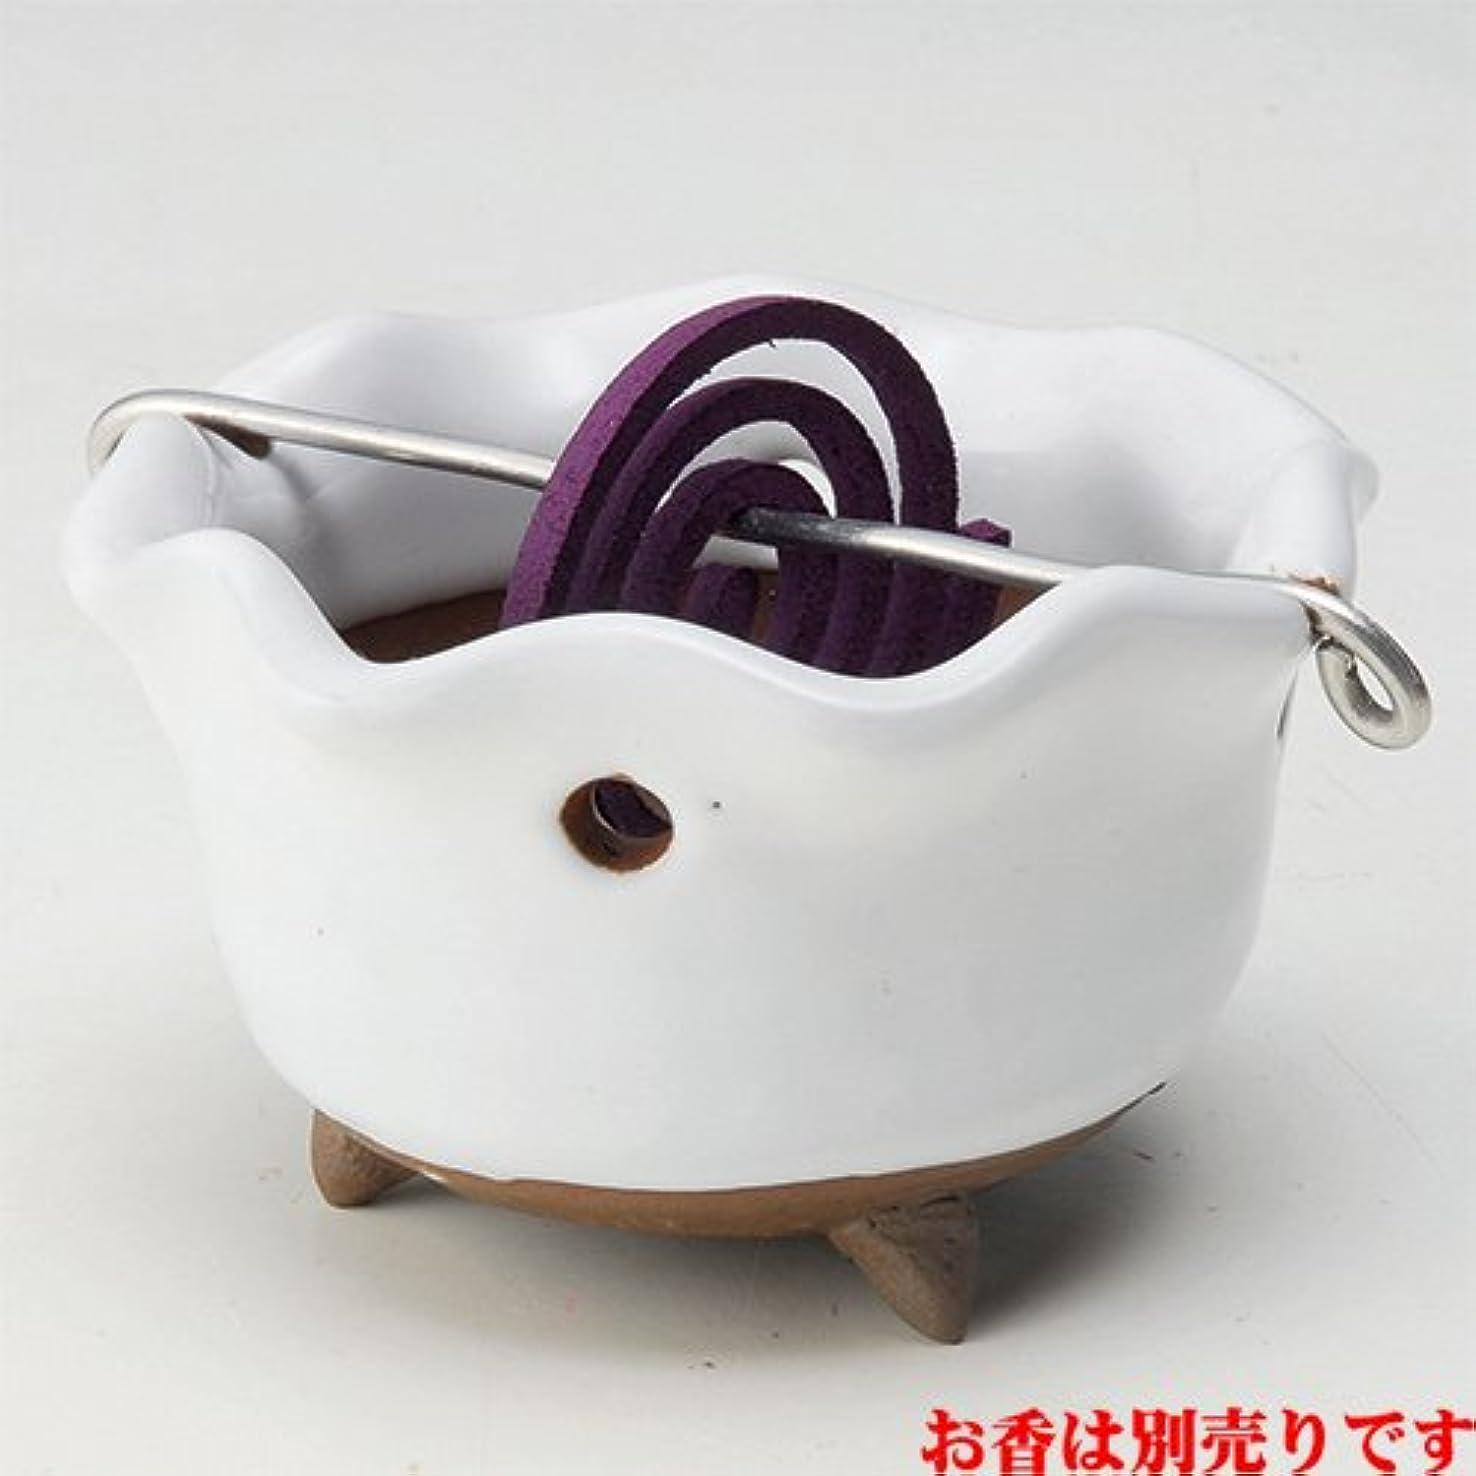 意味する賞褐色香皿 白志野 花型 香鉢 [R8.5xH5.3cm] HANDMADE プレゼント ギフト 和食器 かわいい インテリア